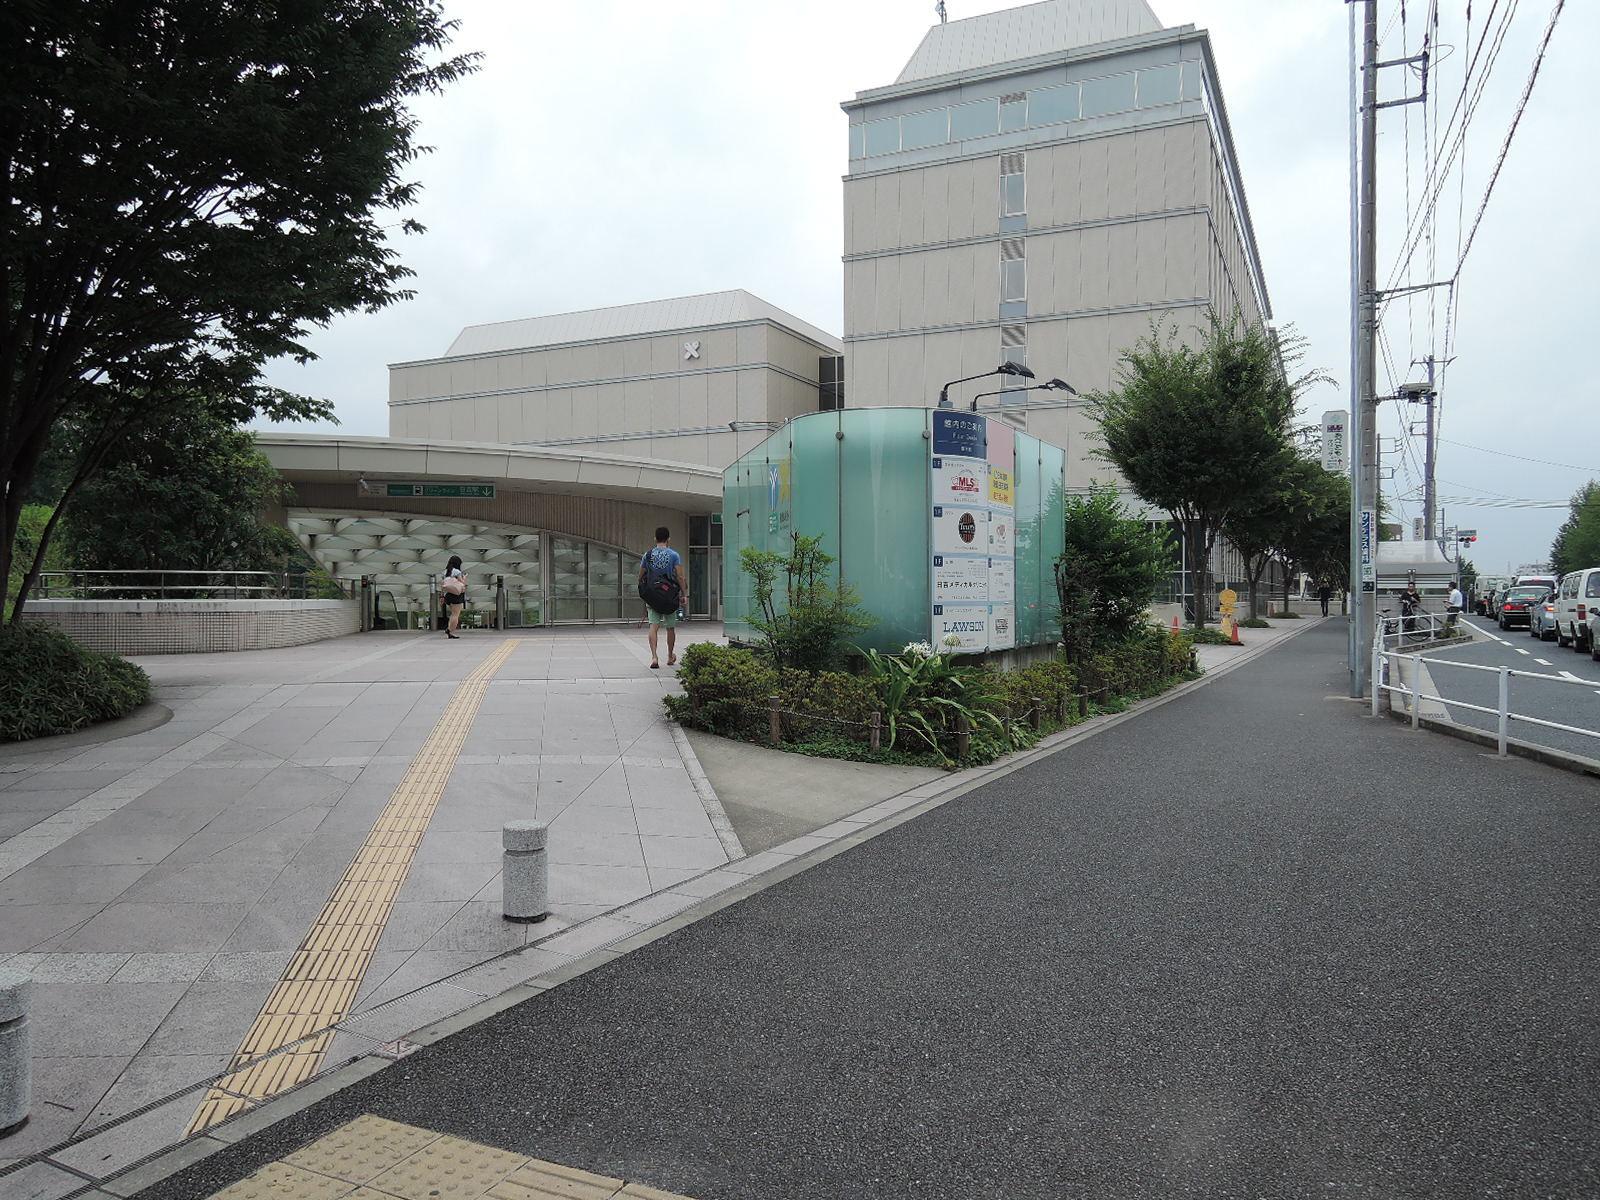 ブルーラインの日吉駅入口を左手に見つつ進みます